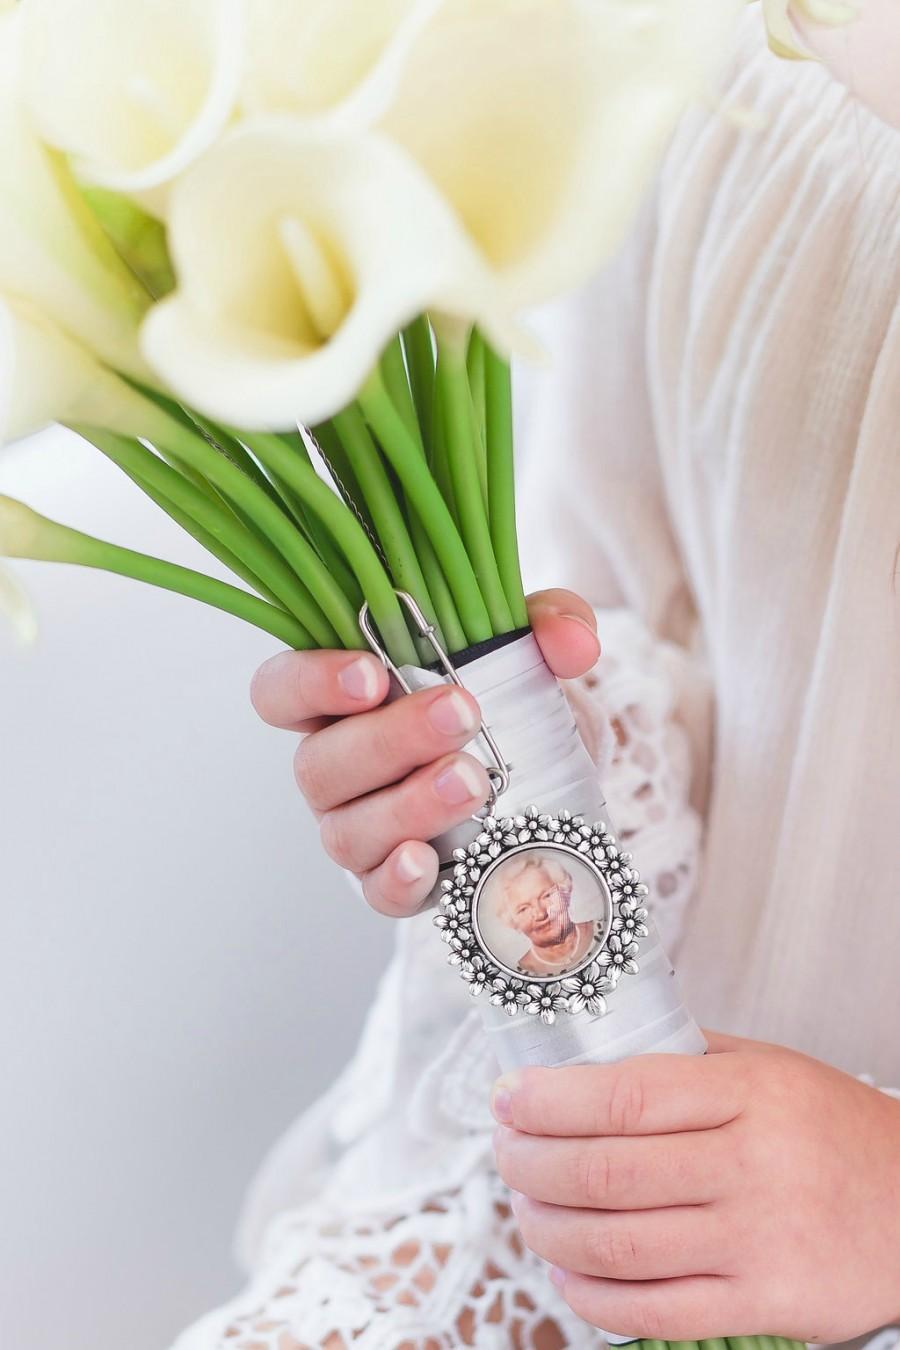 Свадьба - Bridal Shower Gift, Bouquet Photo Charm, Memorial Keepsake Bouquet Charm, Picture Bouquet Charm